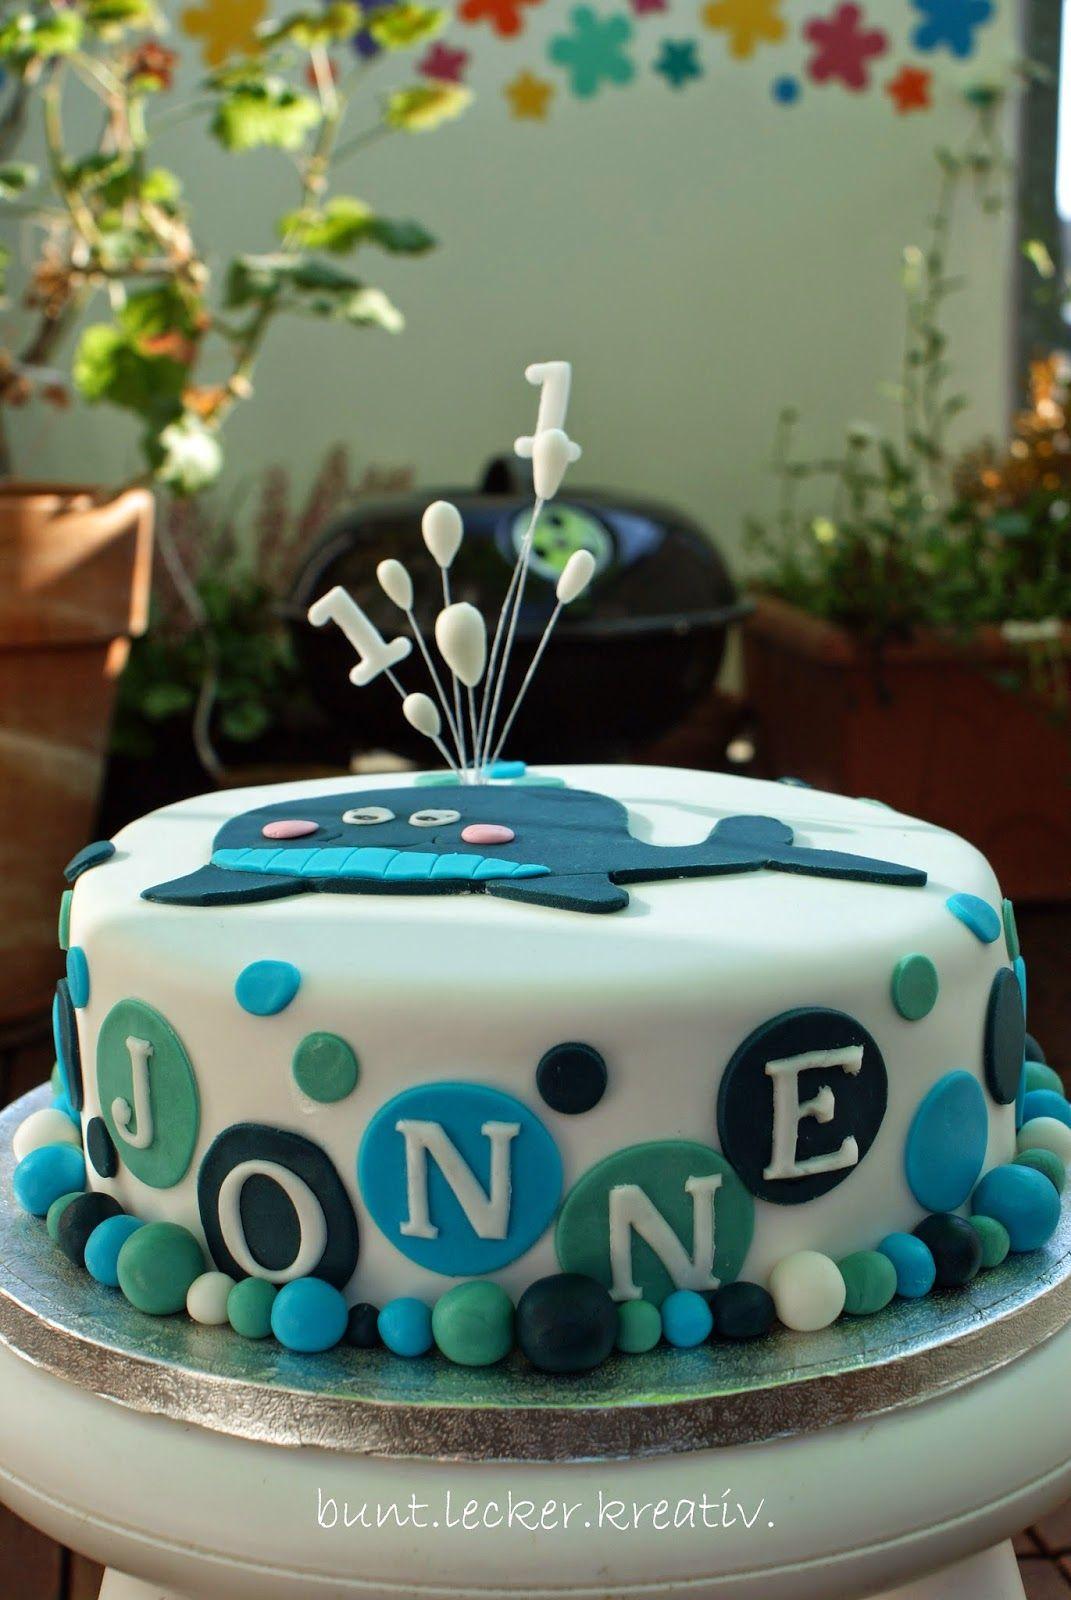 Buntleckerkreativ Wal Torte Zum 1 Geburtstag Geburtstag